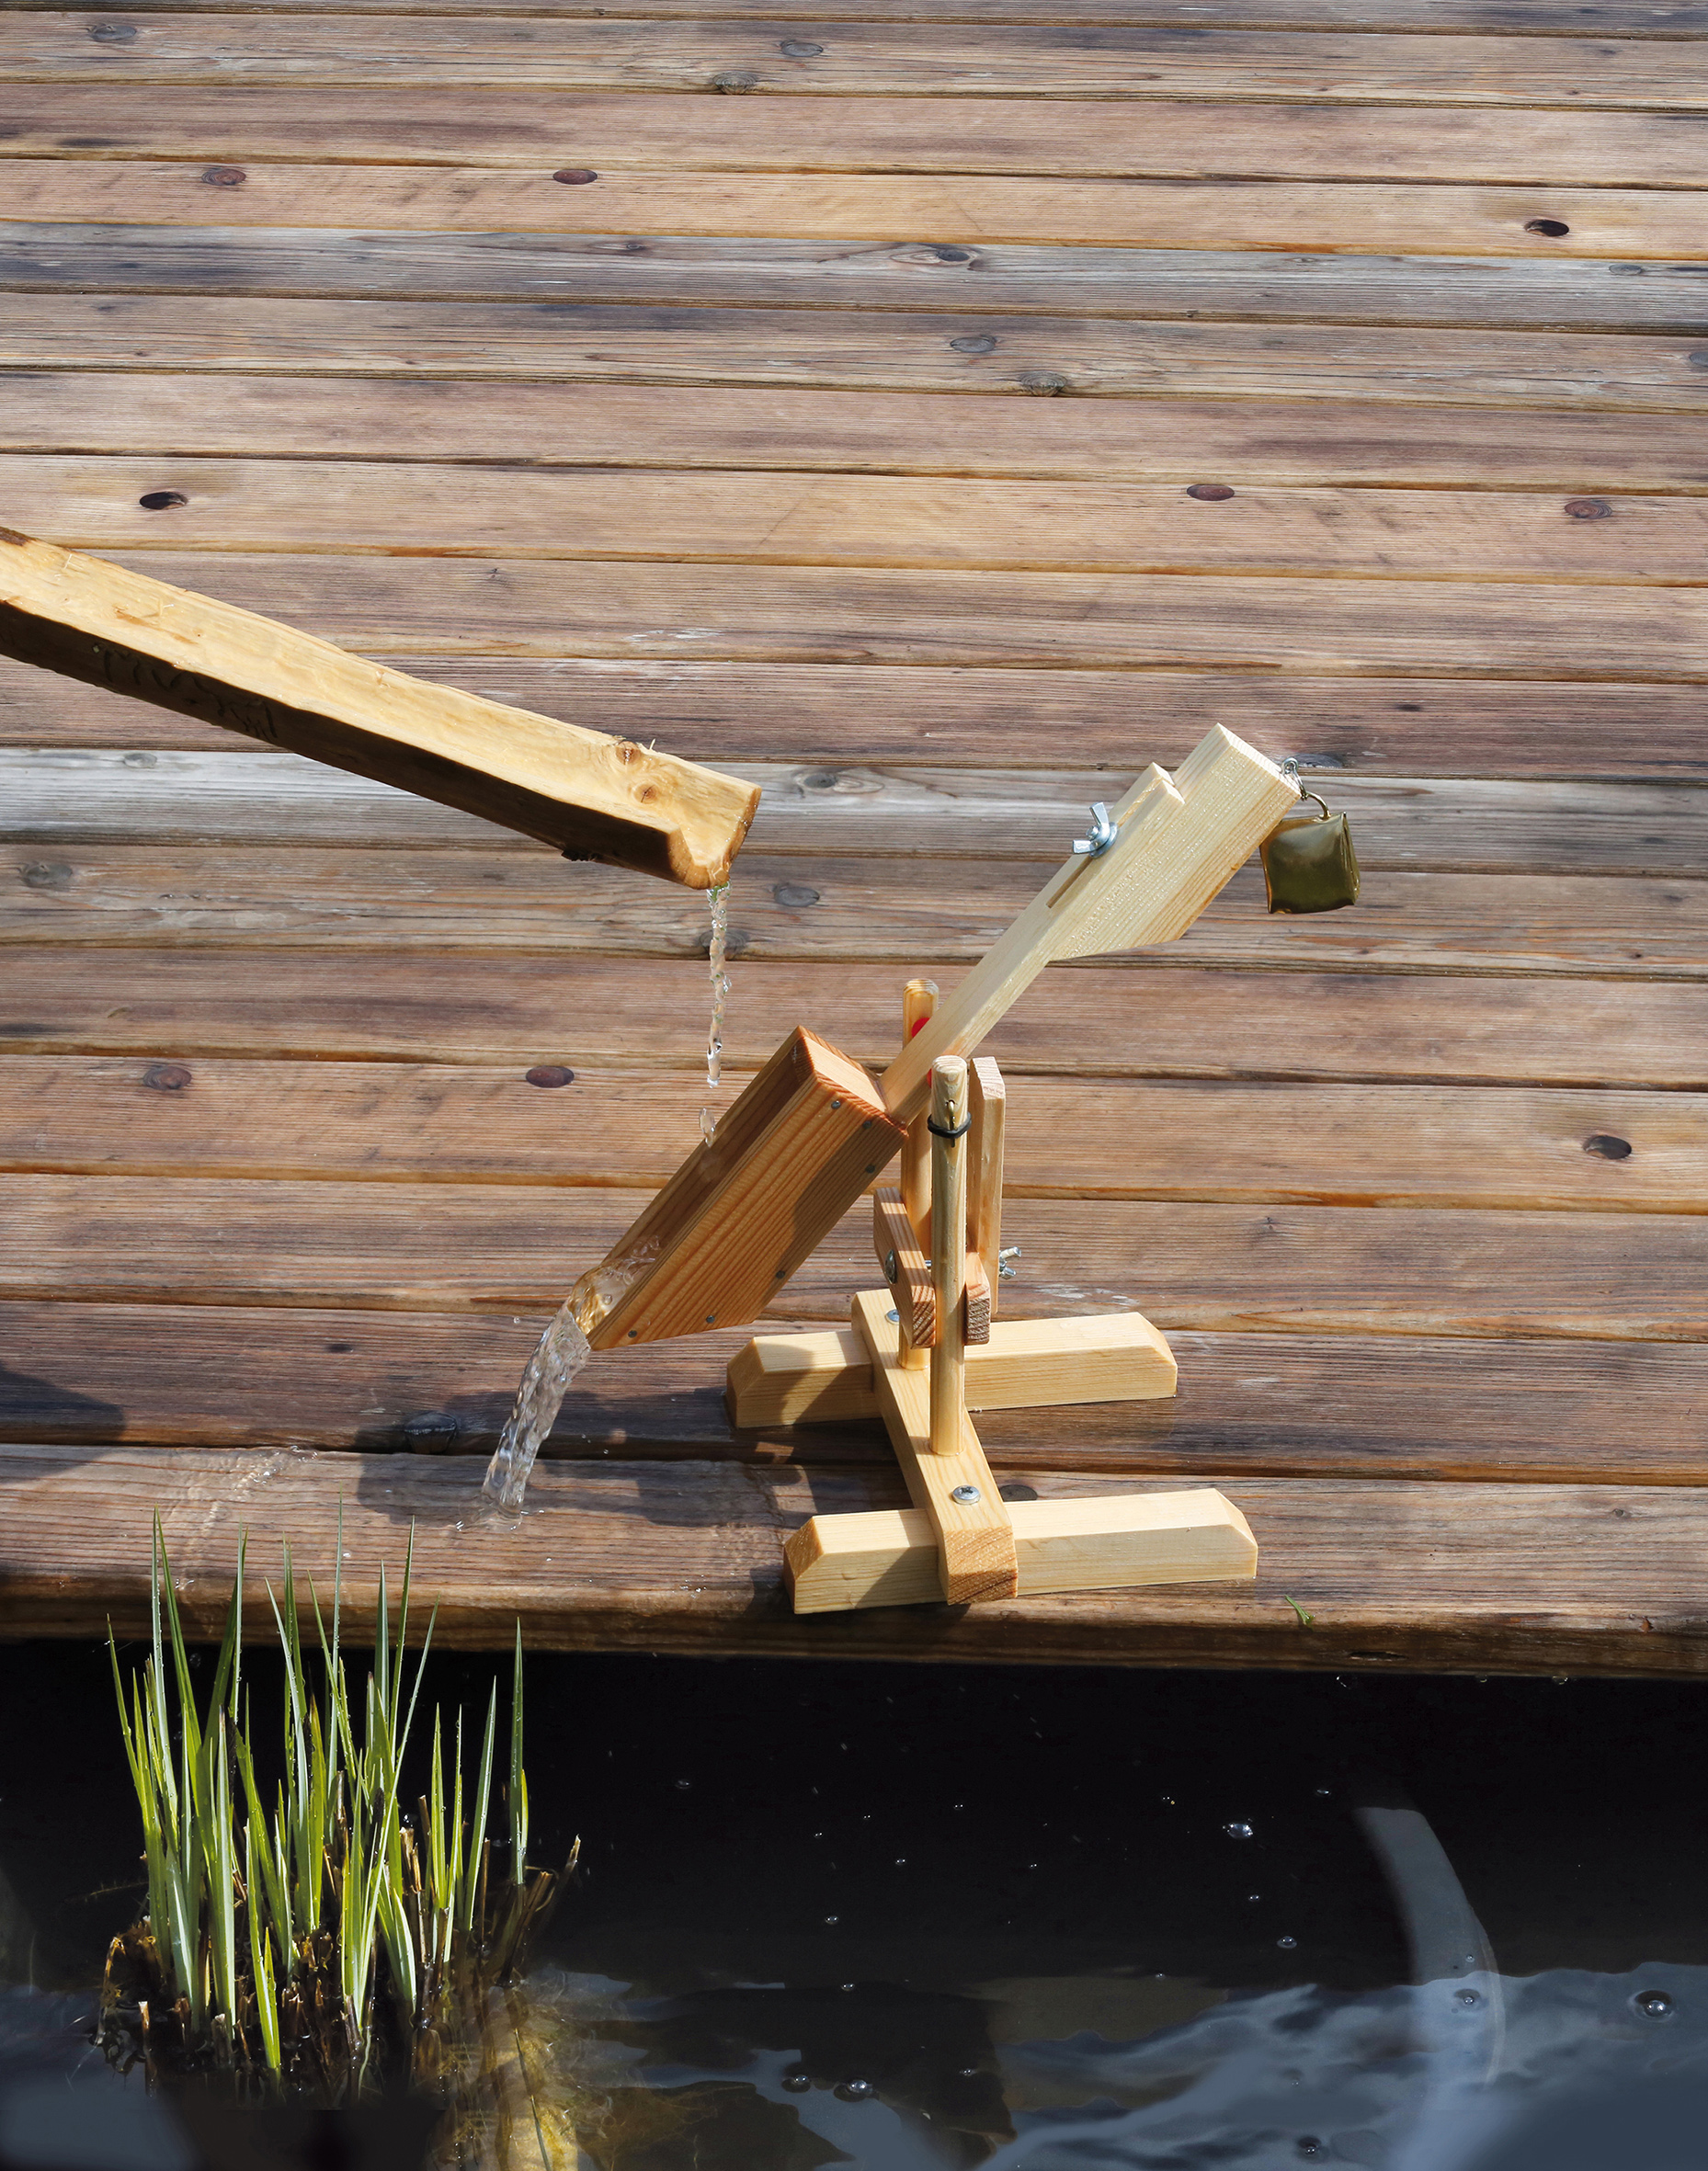 Kraul Schnepfe, die Wasserwippe, Nr. 1070